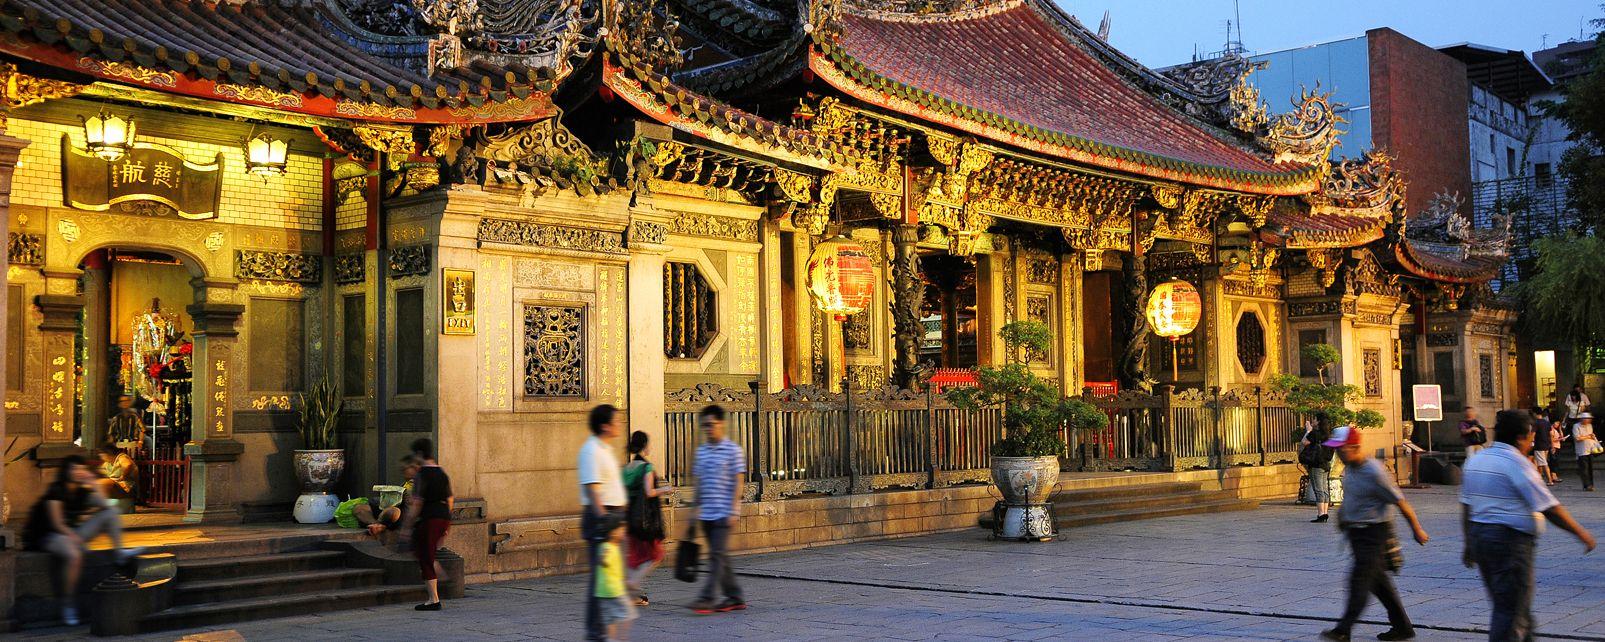 Le temple de Longshan, Les monuments, Taïwan